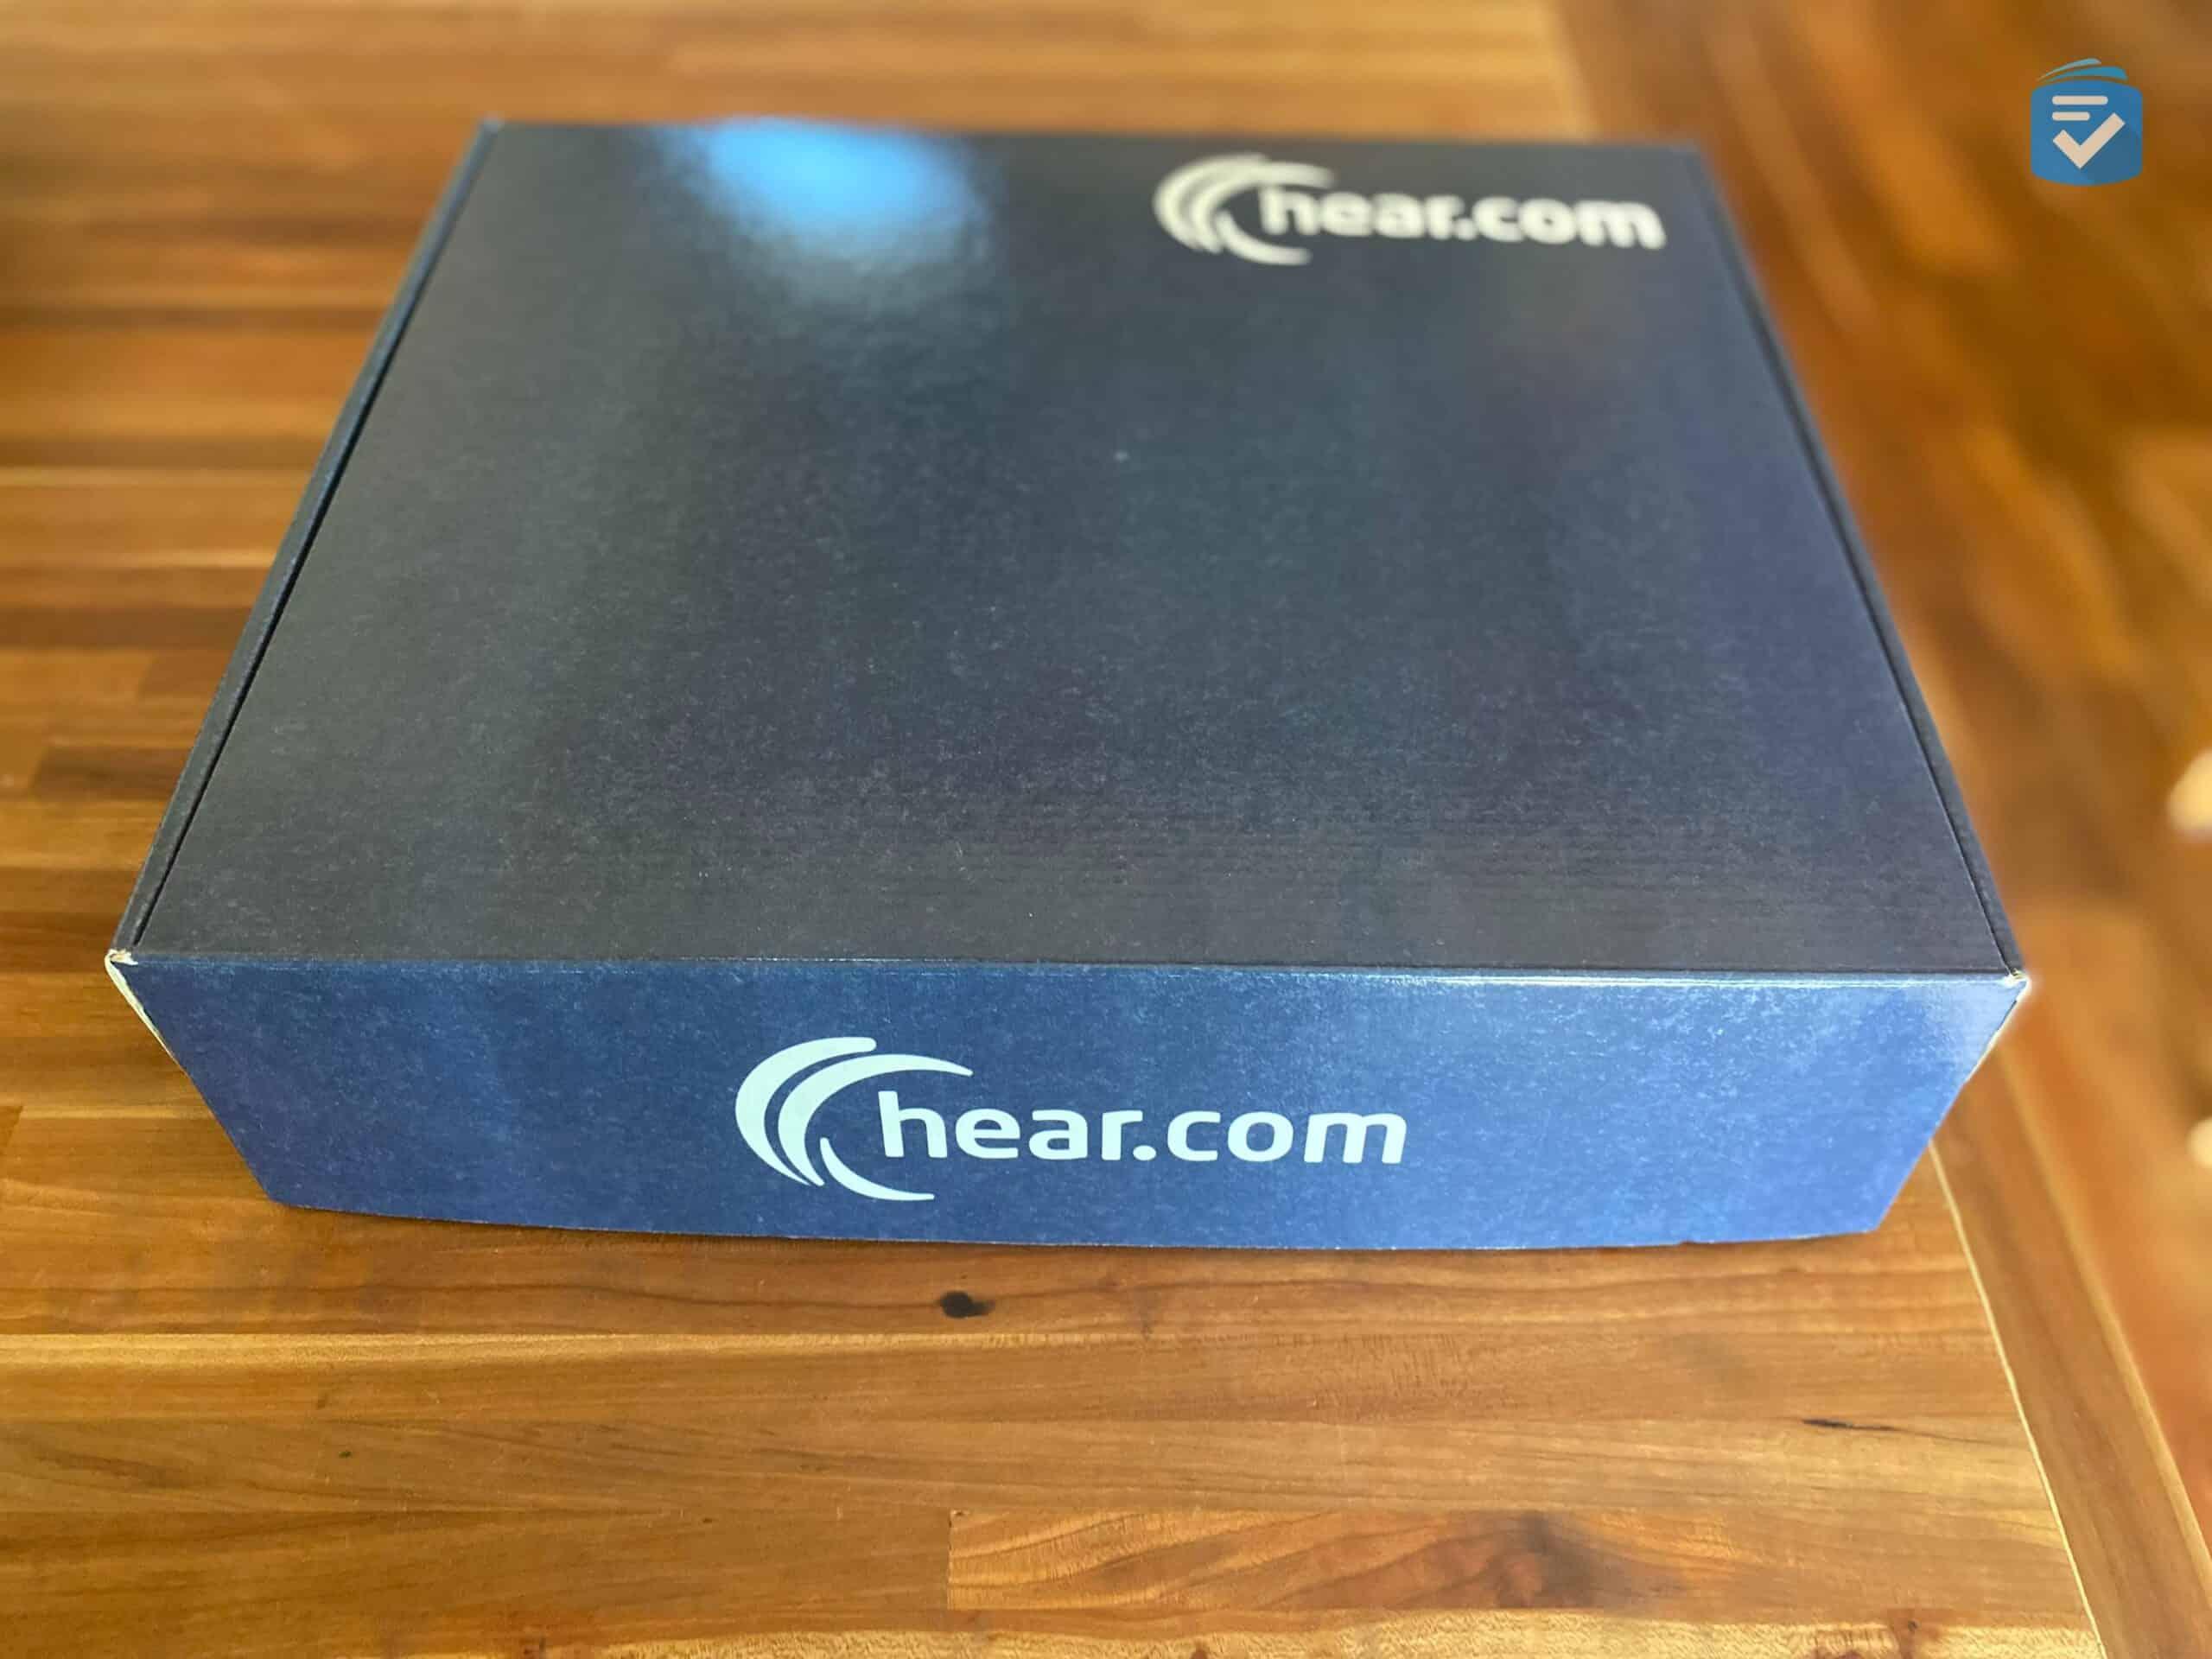 Hear.com Box